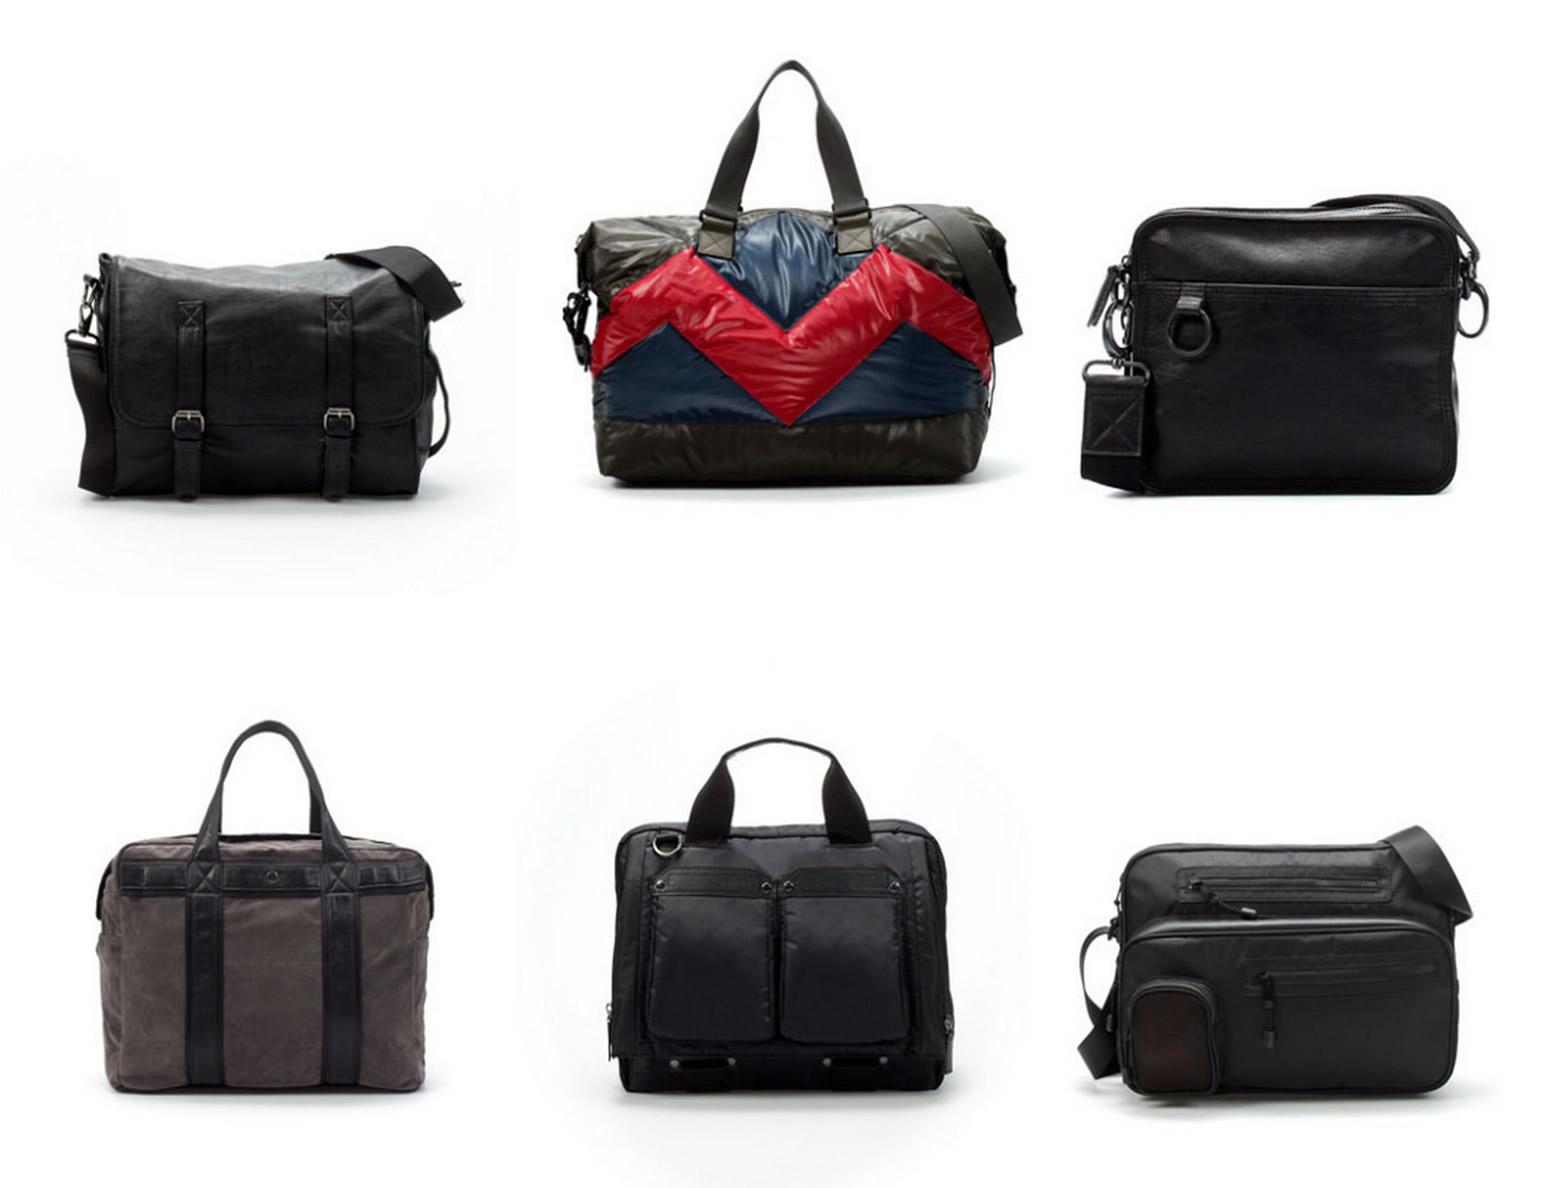 bastante agradable d1f98 d8d6c Bolsos De Mano Para Hombre Zara   Jaguar Clubs of North America